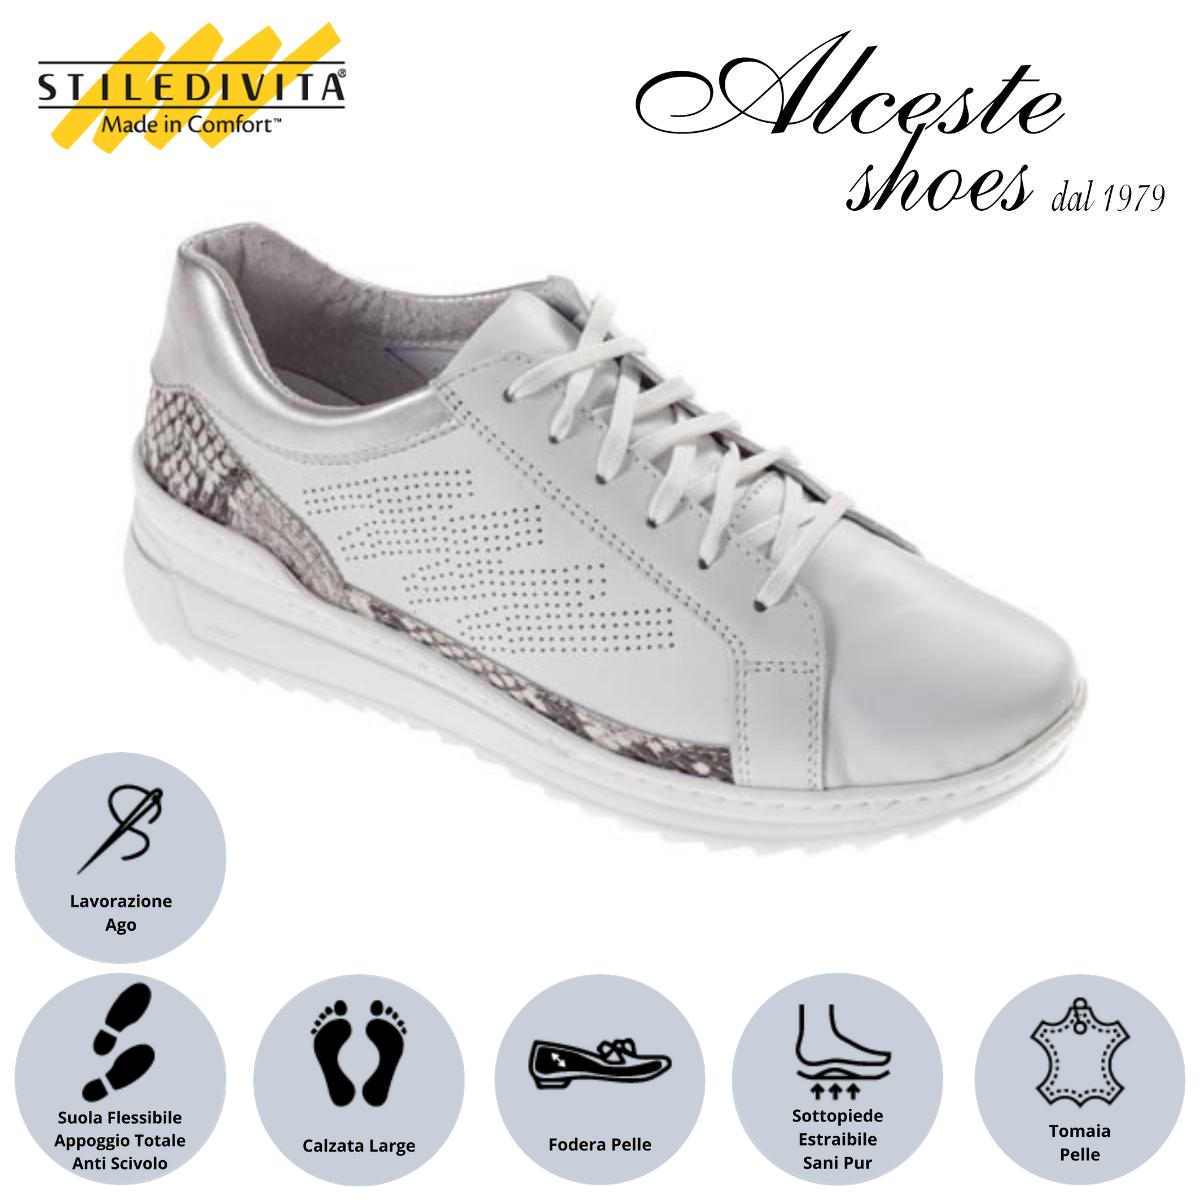 Sneakers Traforate Stiledivita Art. 7443 Pelle Bianco e Stampa Pitone Roccia Alceste Shoes 23